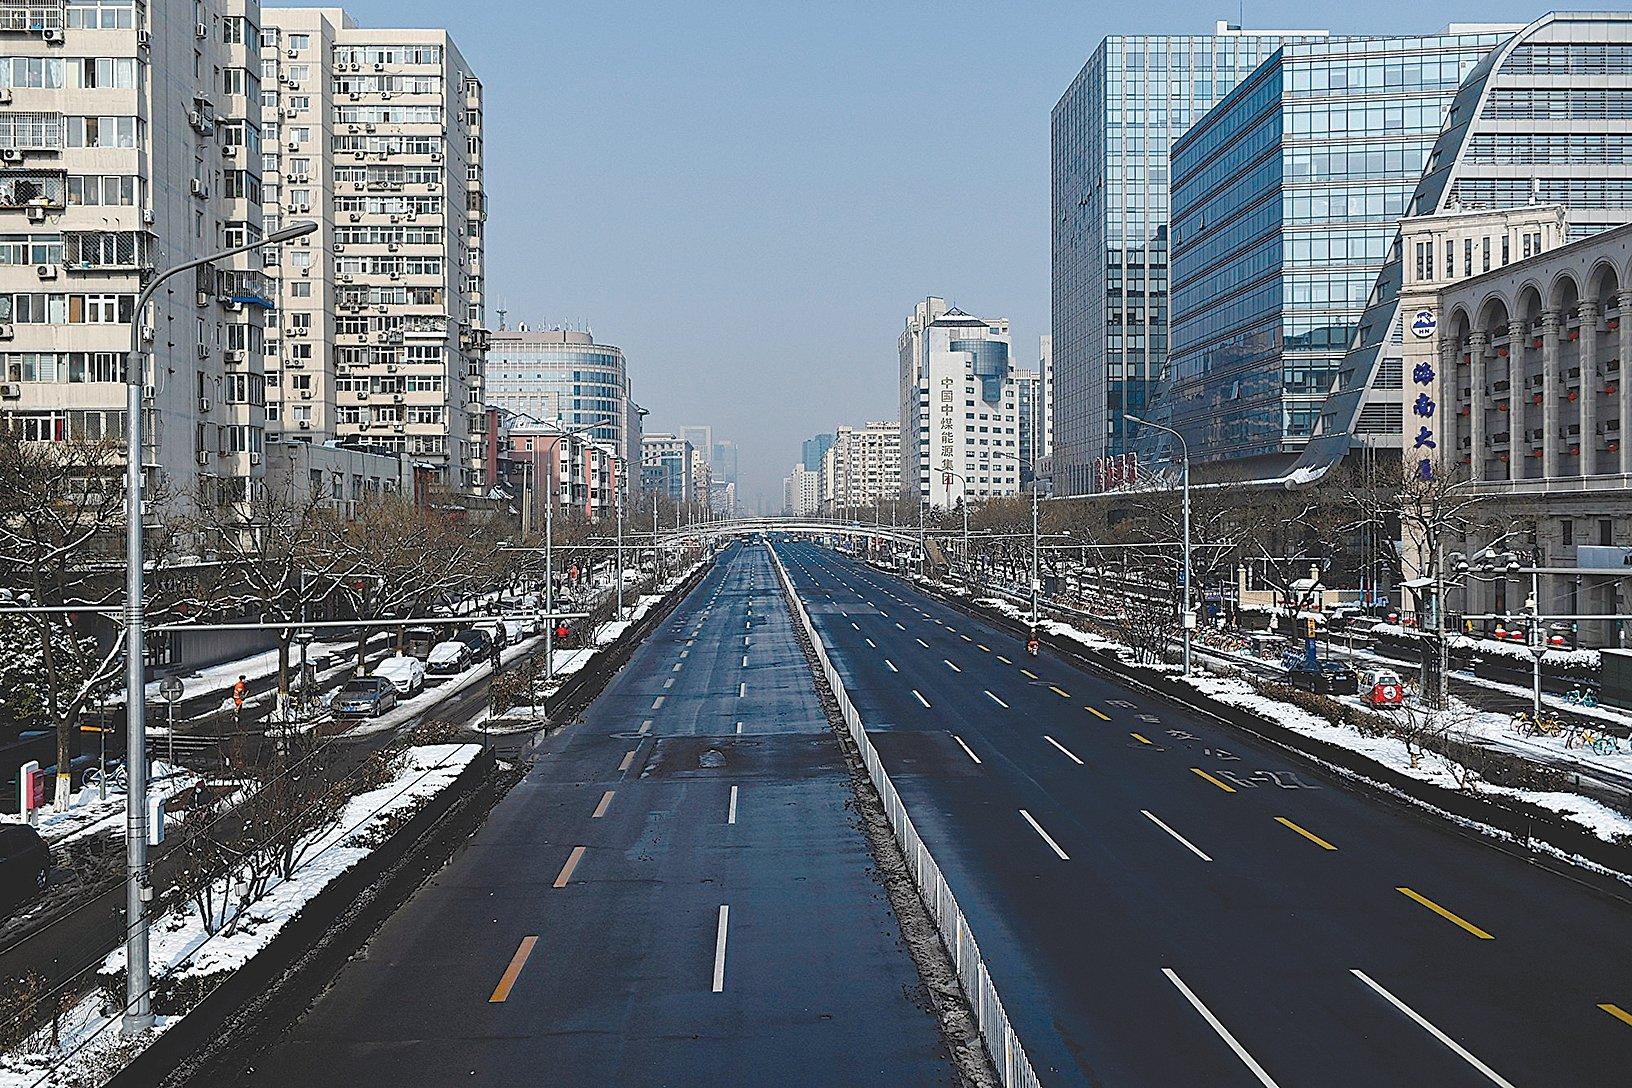 經濟學家普遍預計,疫情將重創中國大陸經濟。圖為2020年2月7日北京空蕩蕩的街道。 (AFP / Getty Images)